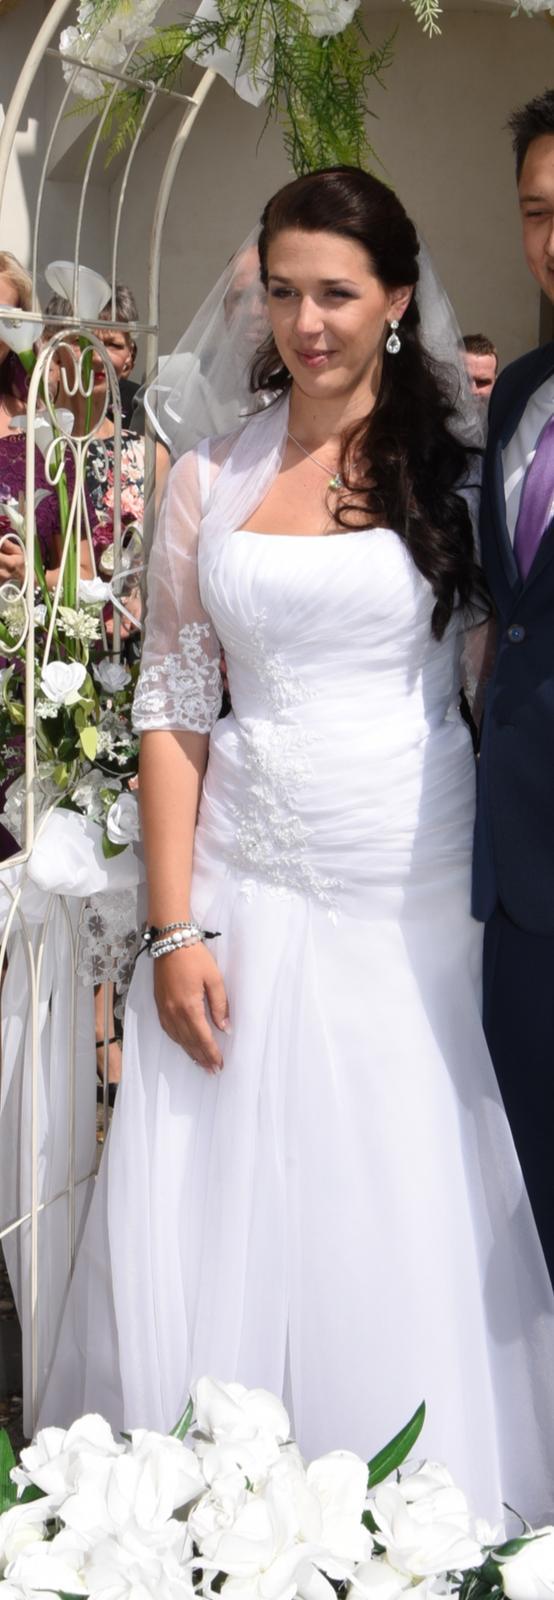 svatební šaty + závoj + bolerko - Obrázek č. 1